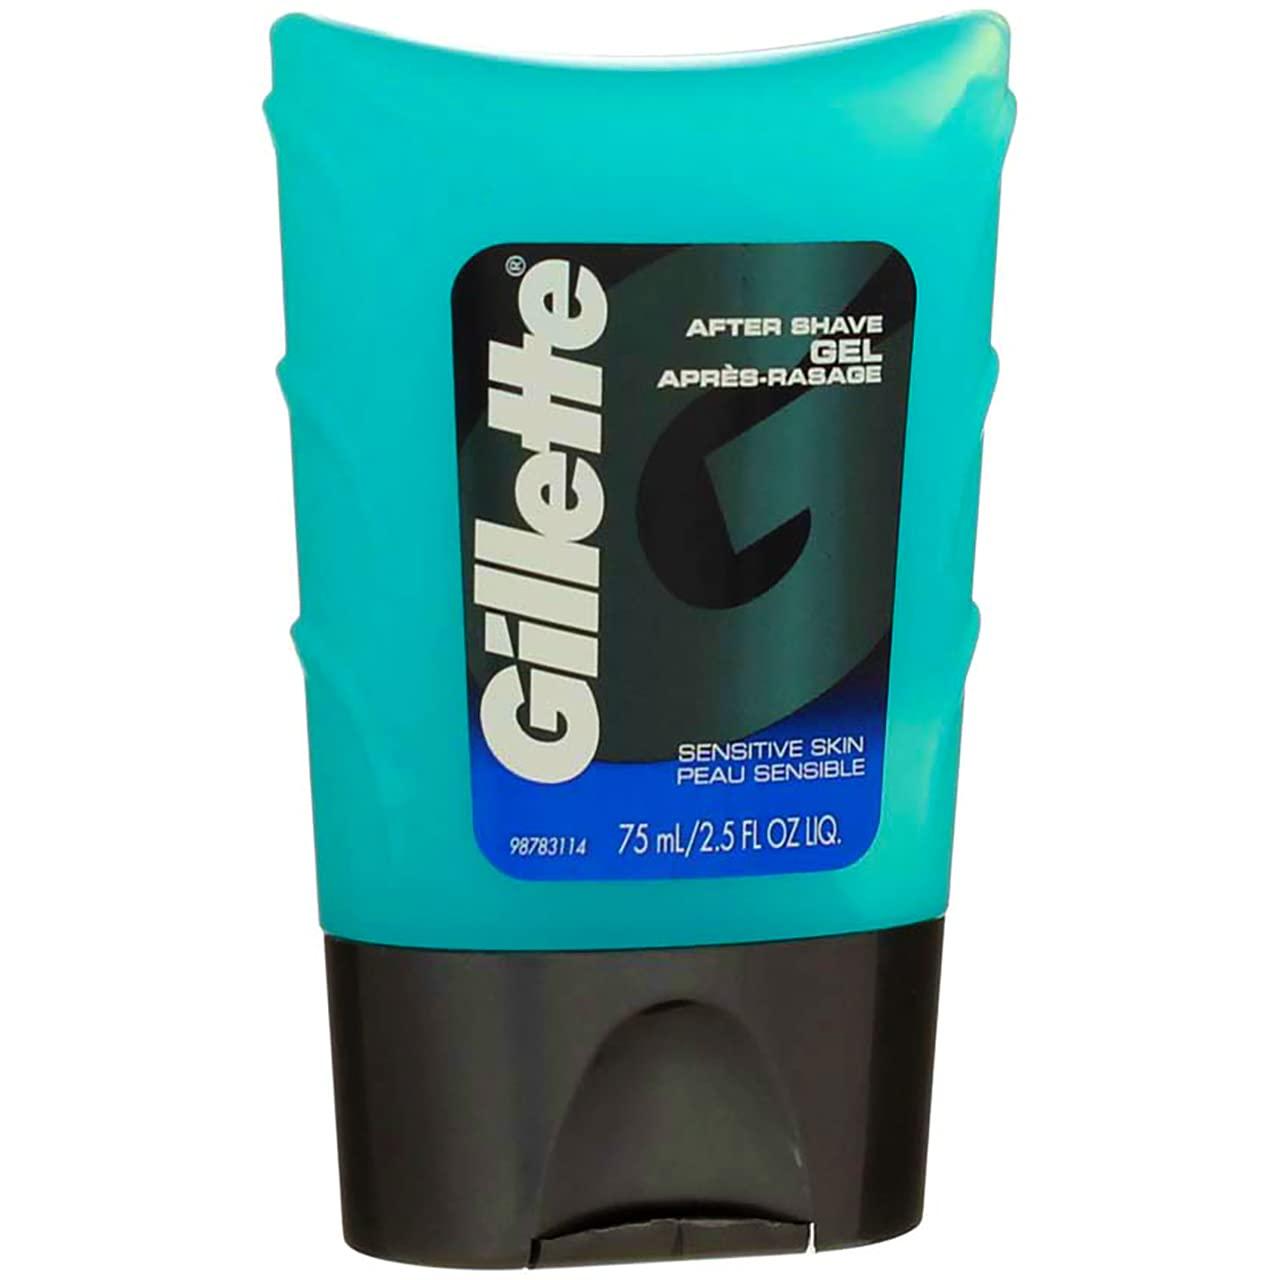 Gillette After Shave Gel Sensitive Skin Pack Save money of Fort Worth Mall - oz 5 2.5